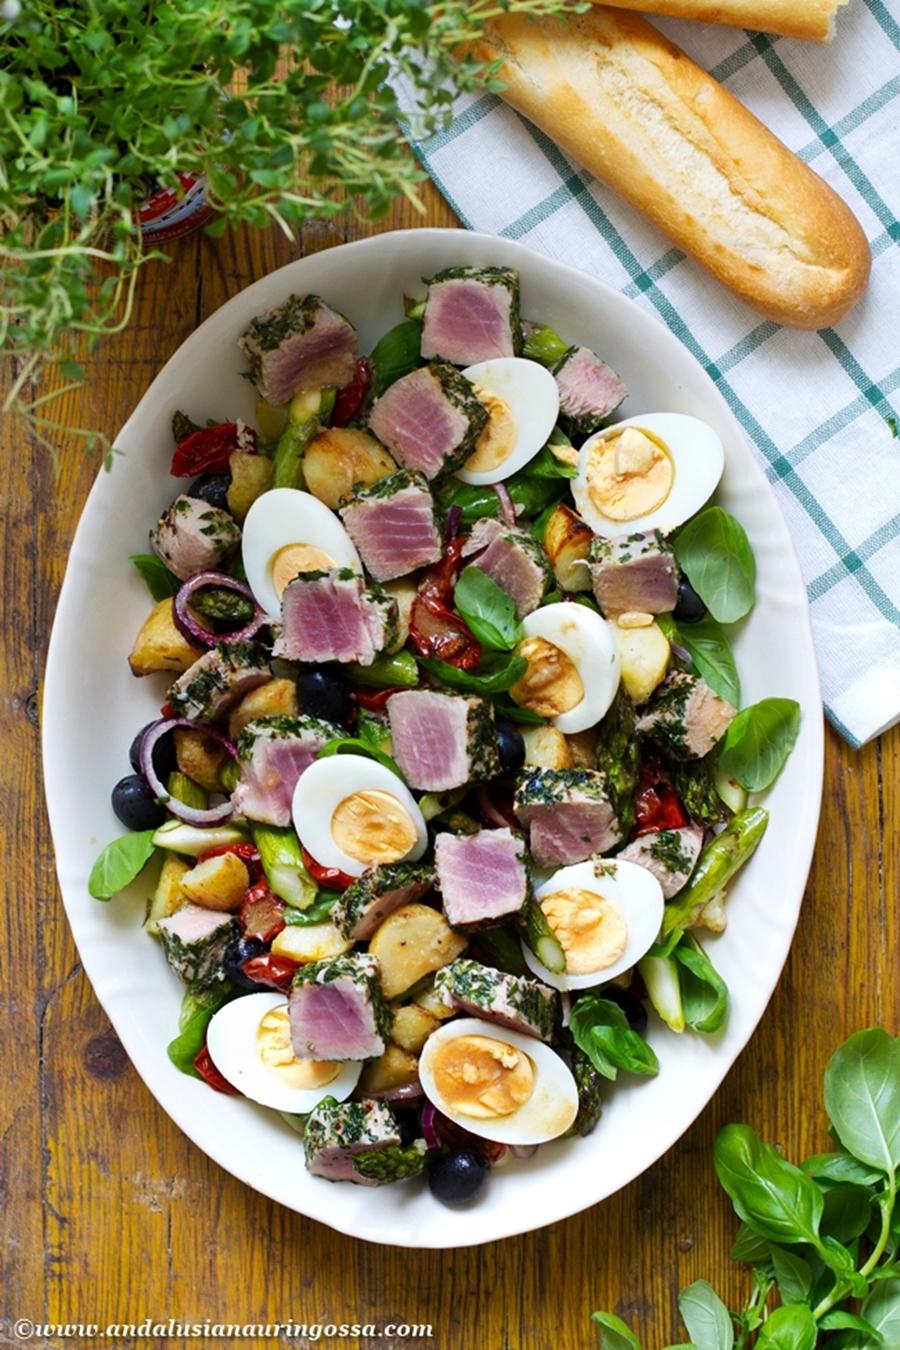 Andalusian auringossa_perunareseptejä ympäri maailman_Nizzan salaatti_gluteeniton_kosher